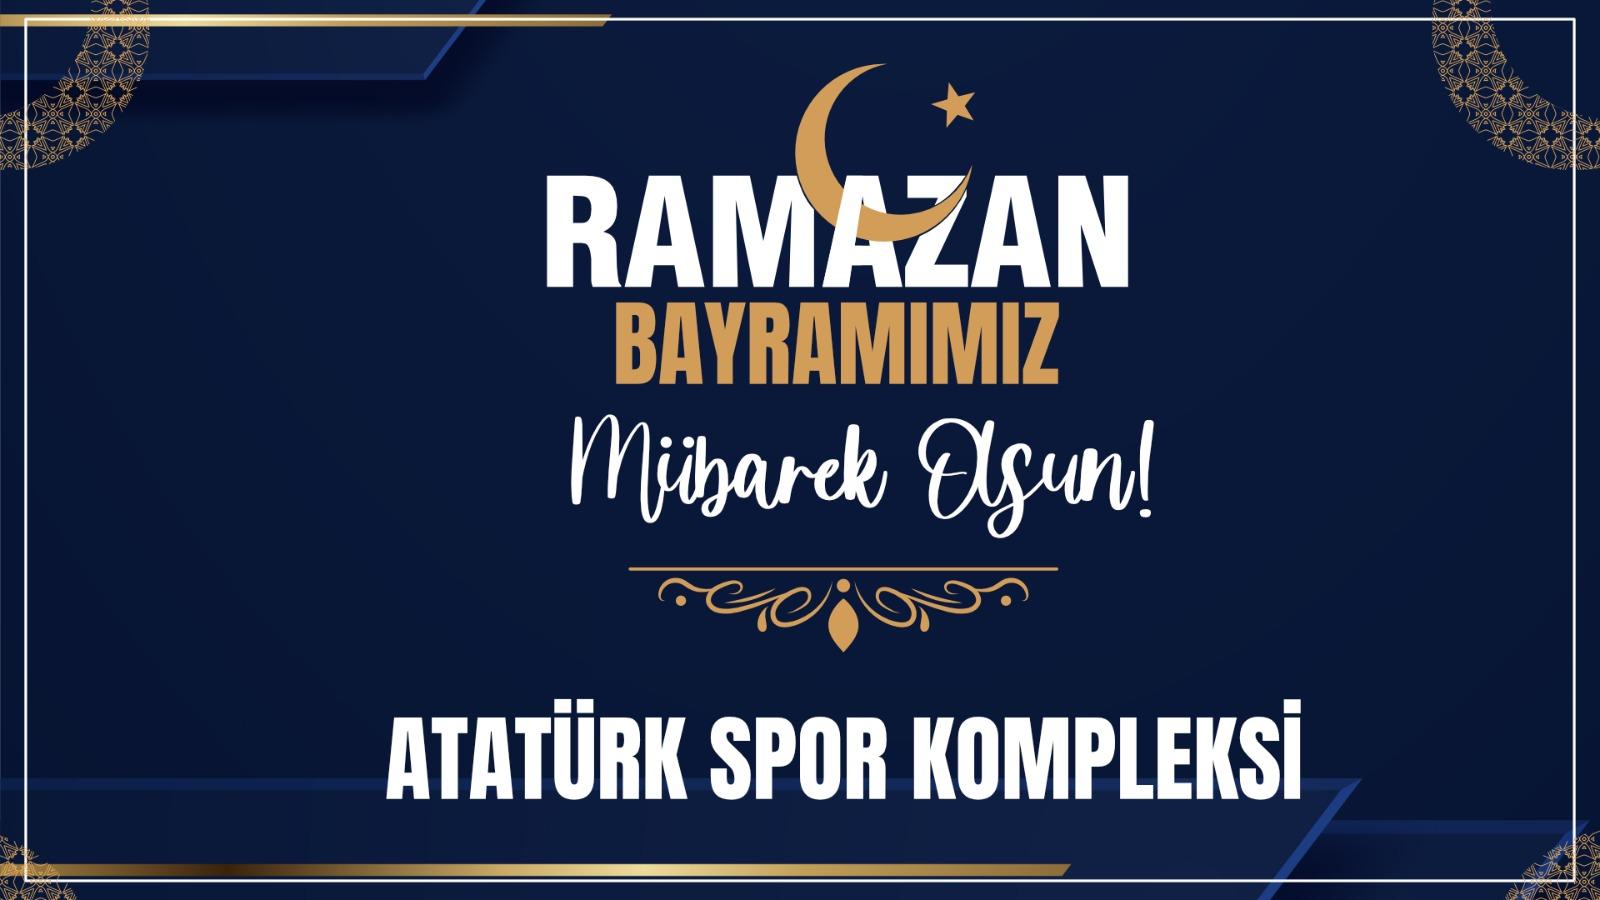 Çatalca Atatürk Spor Kompleksin'den Ramazan Bayramı Kutlama mesajı